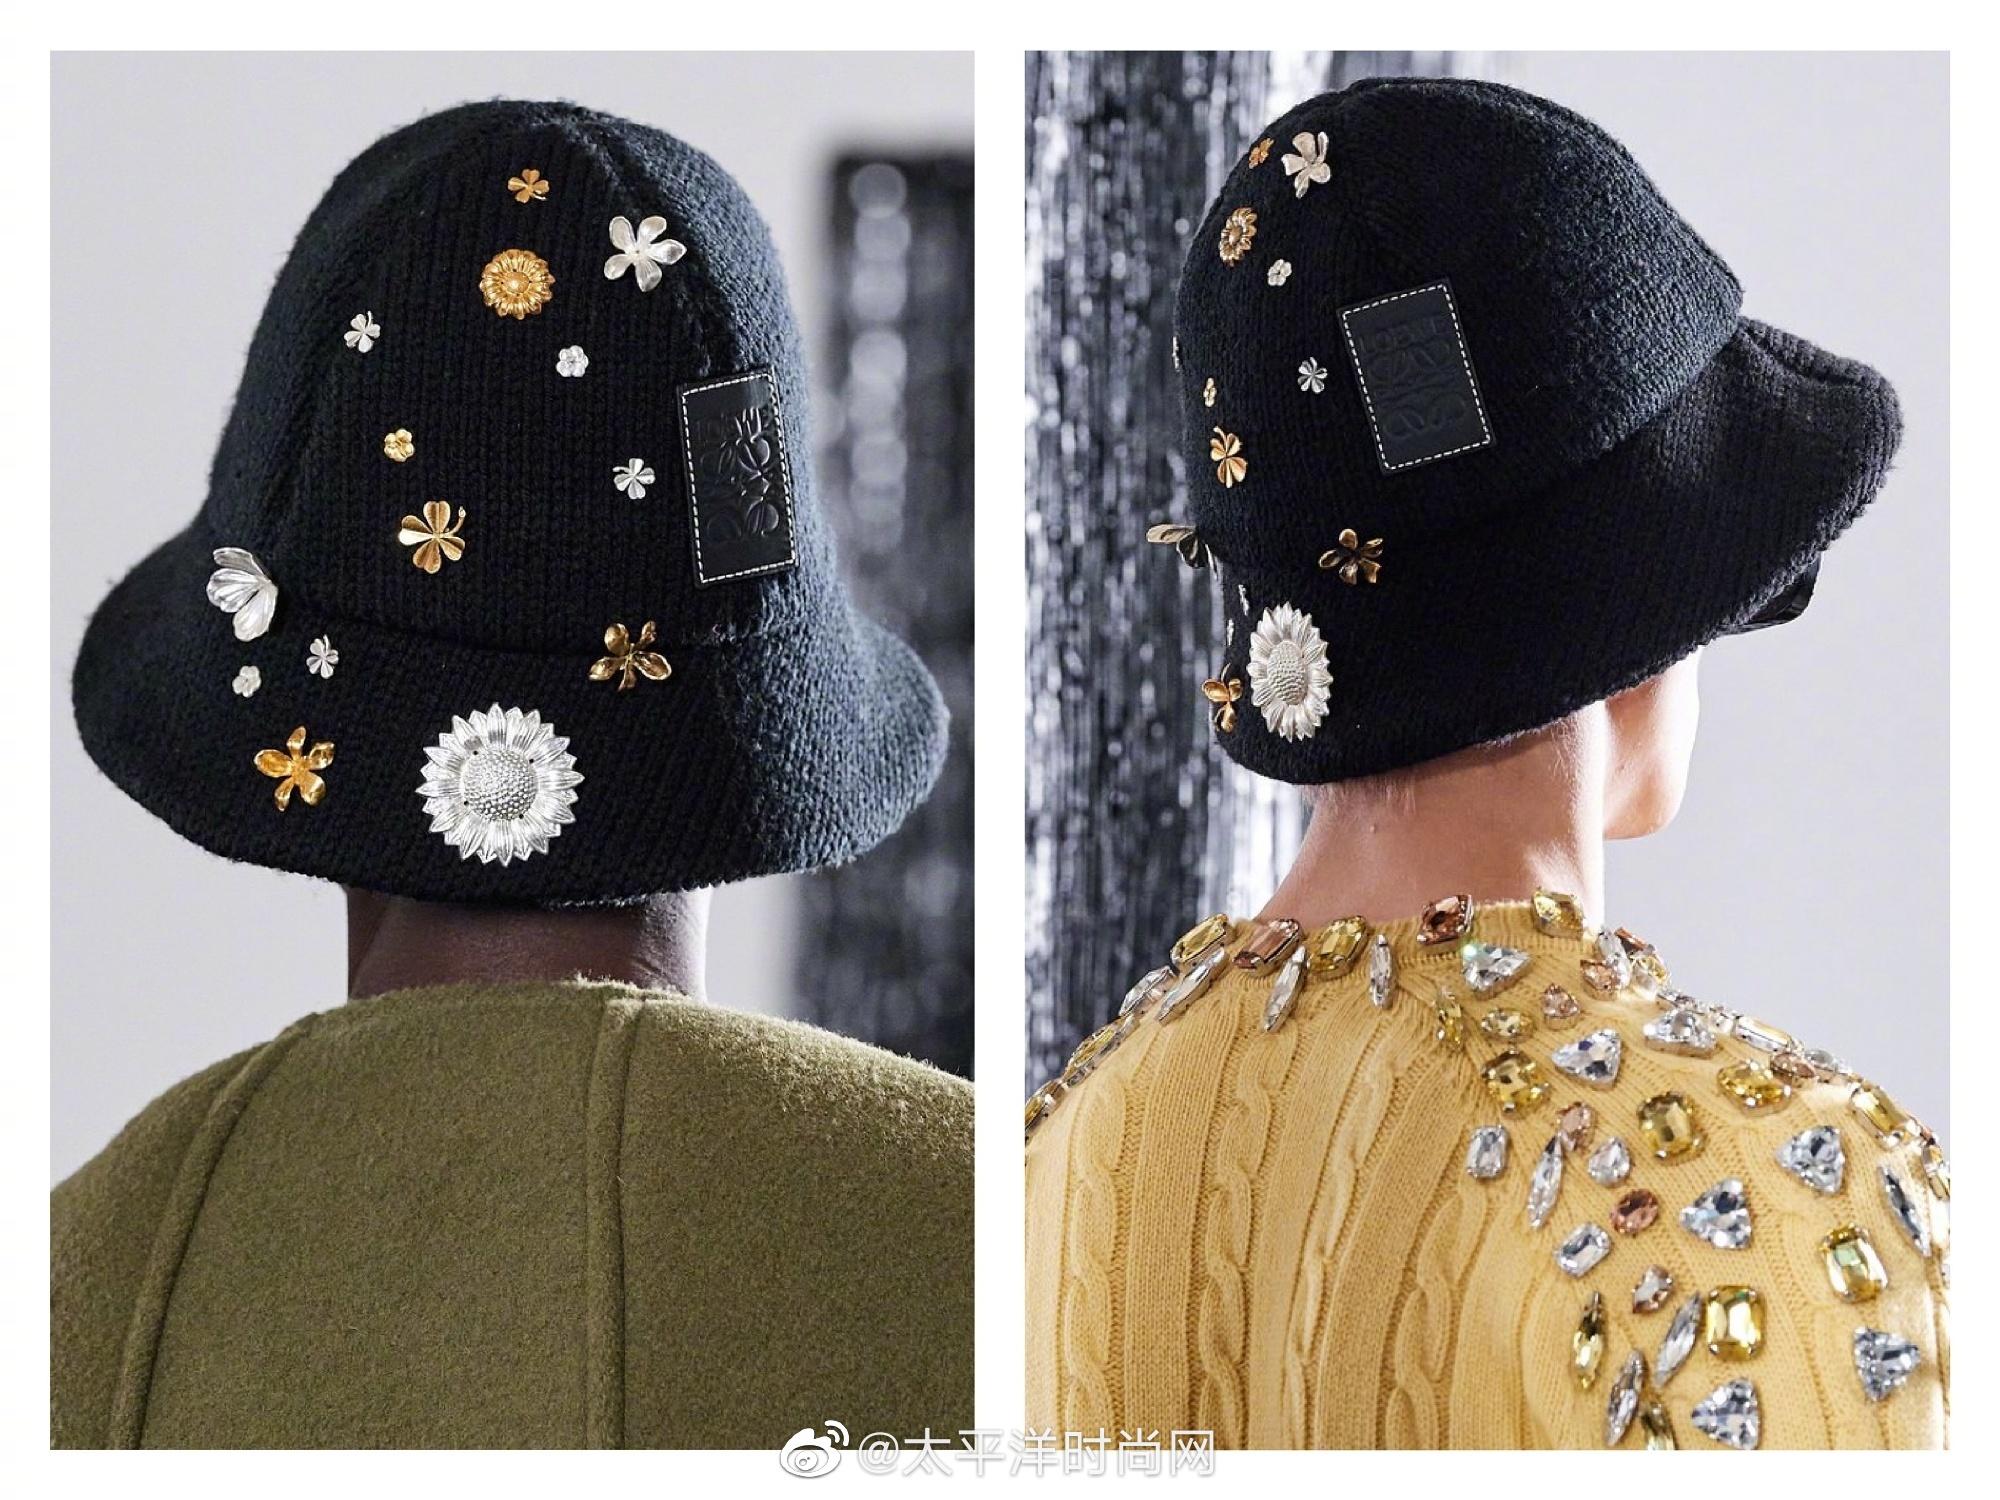 精致的花朵元素渔夫帽、别有趣味的图腾设计、加入了铆钉元素的小象包